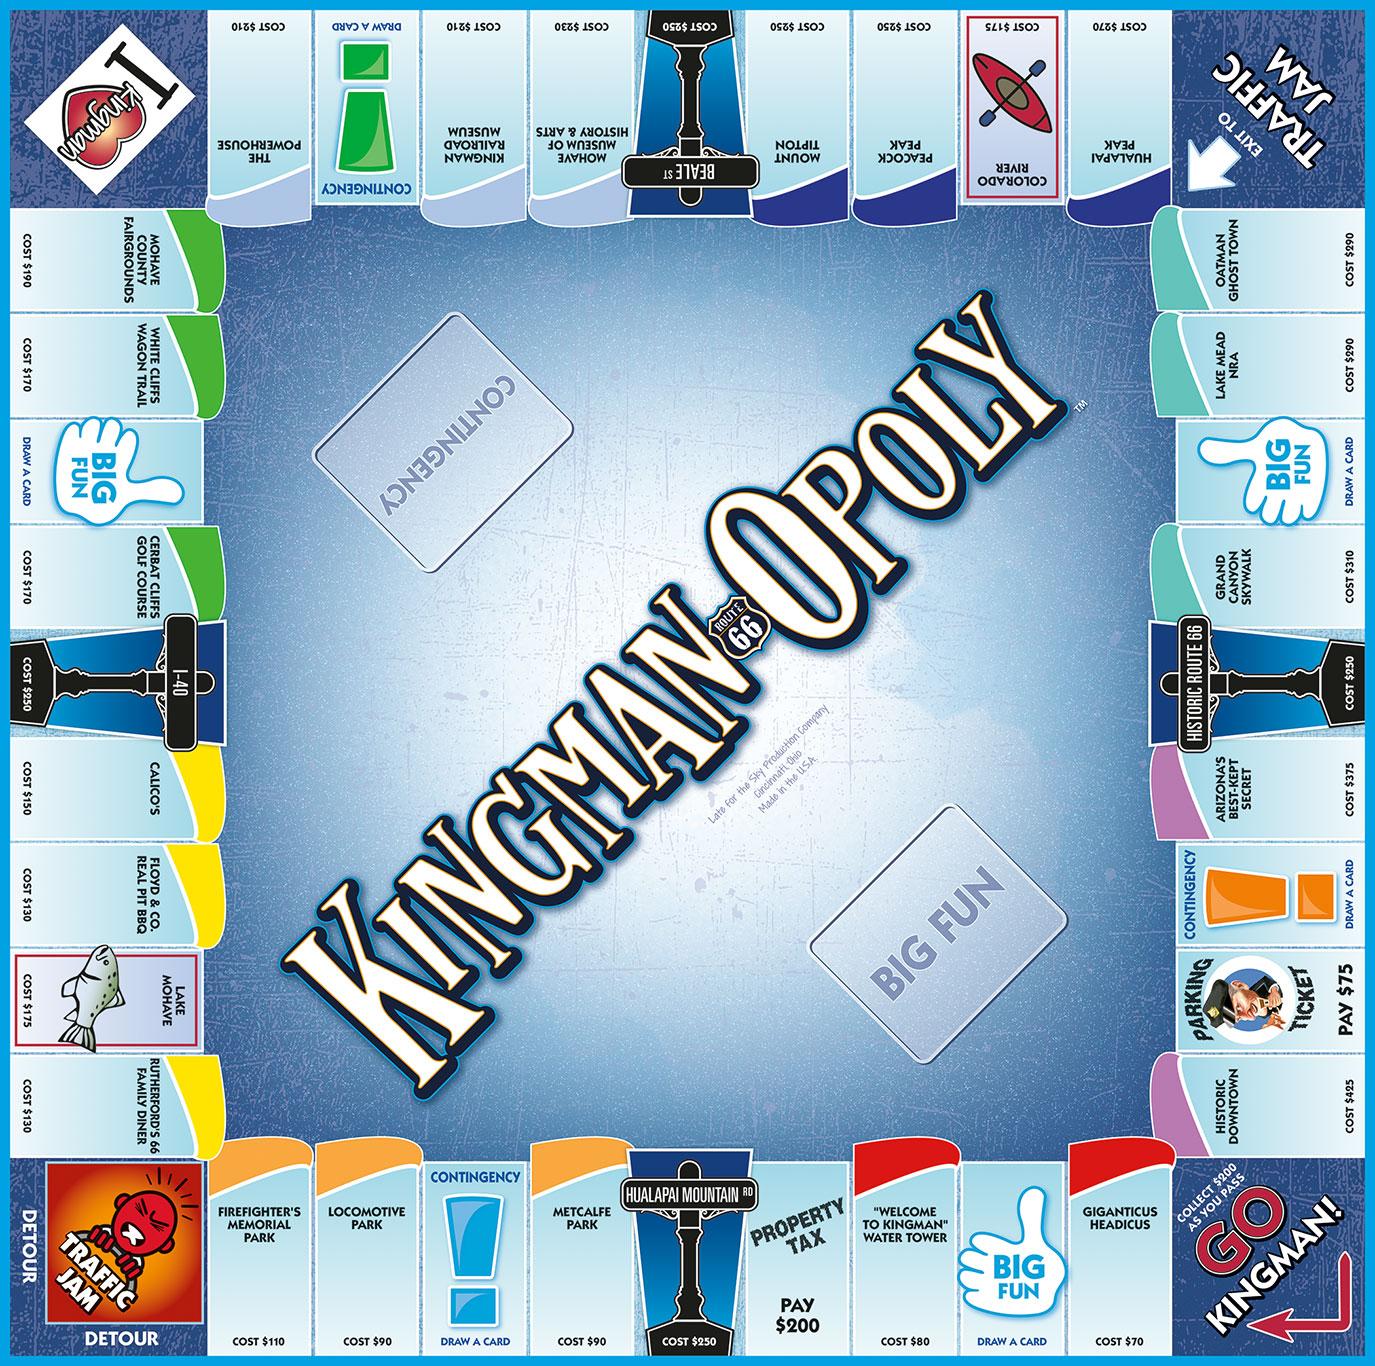 KINGMAN-OPOLY Board Game